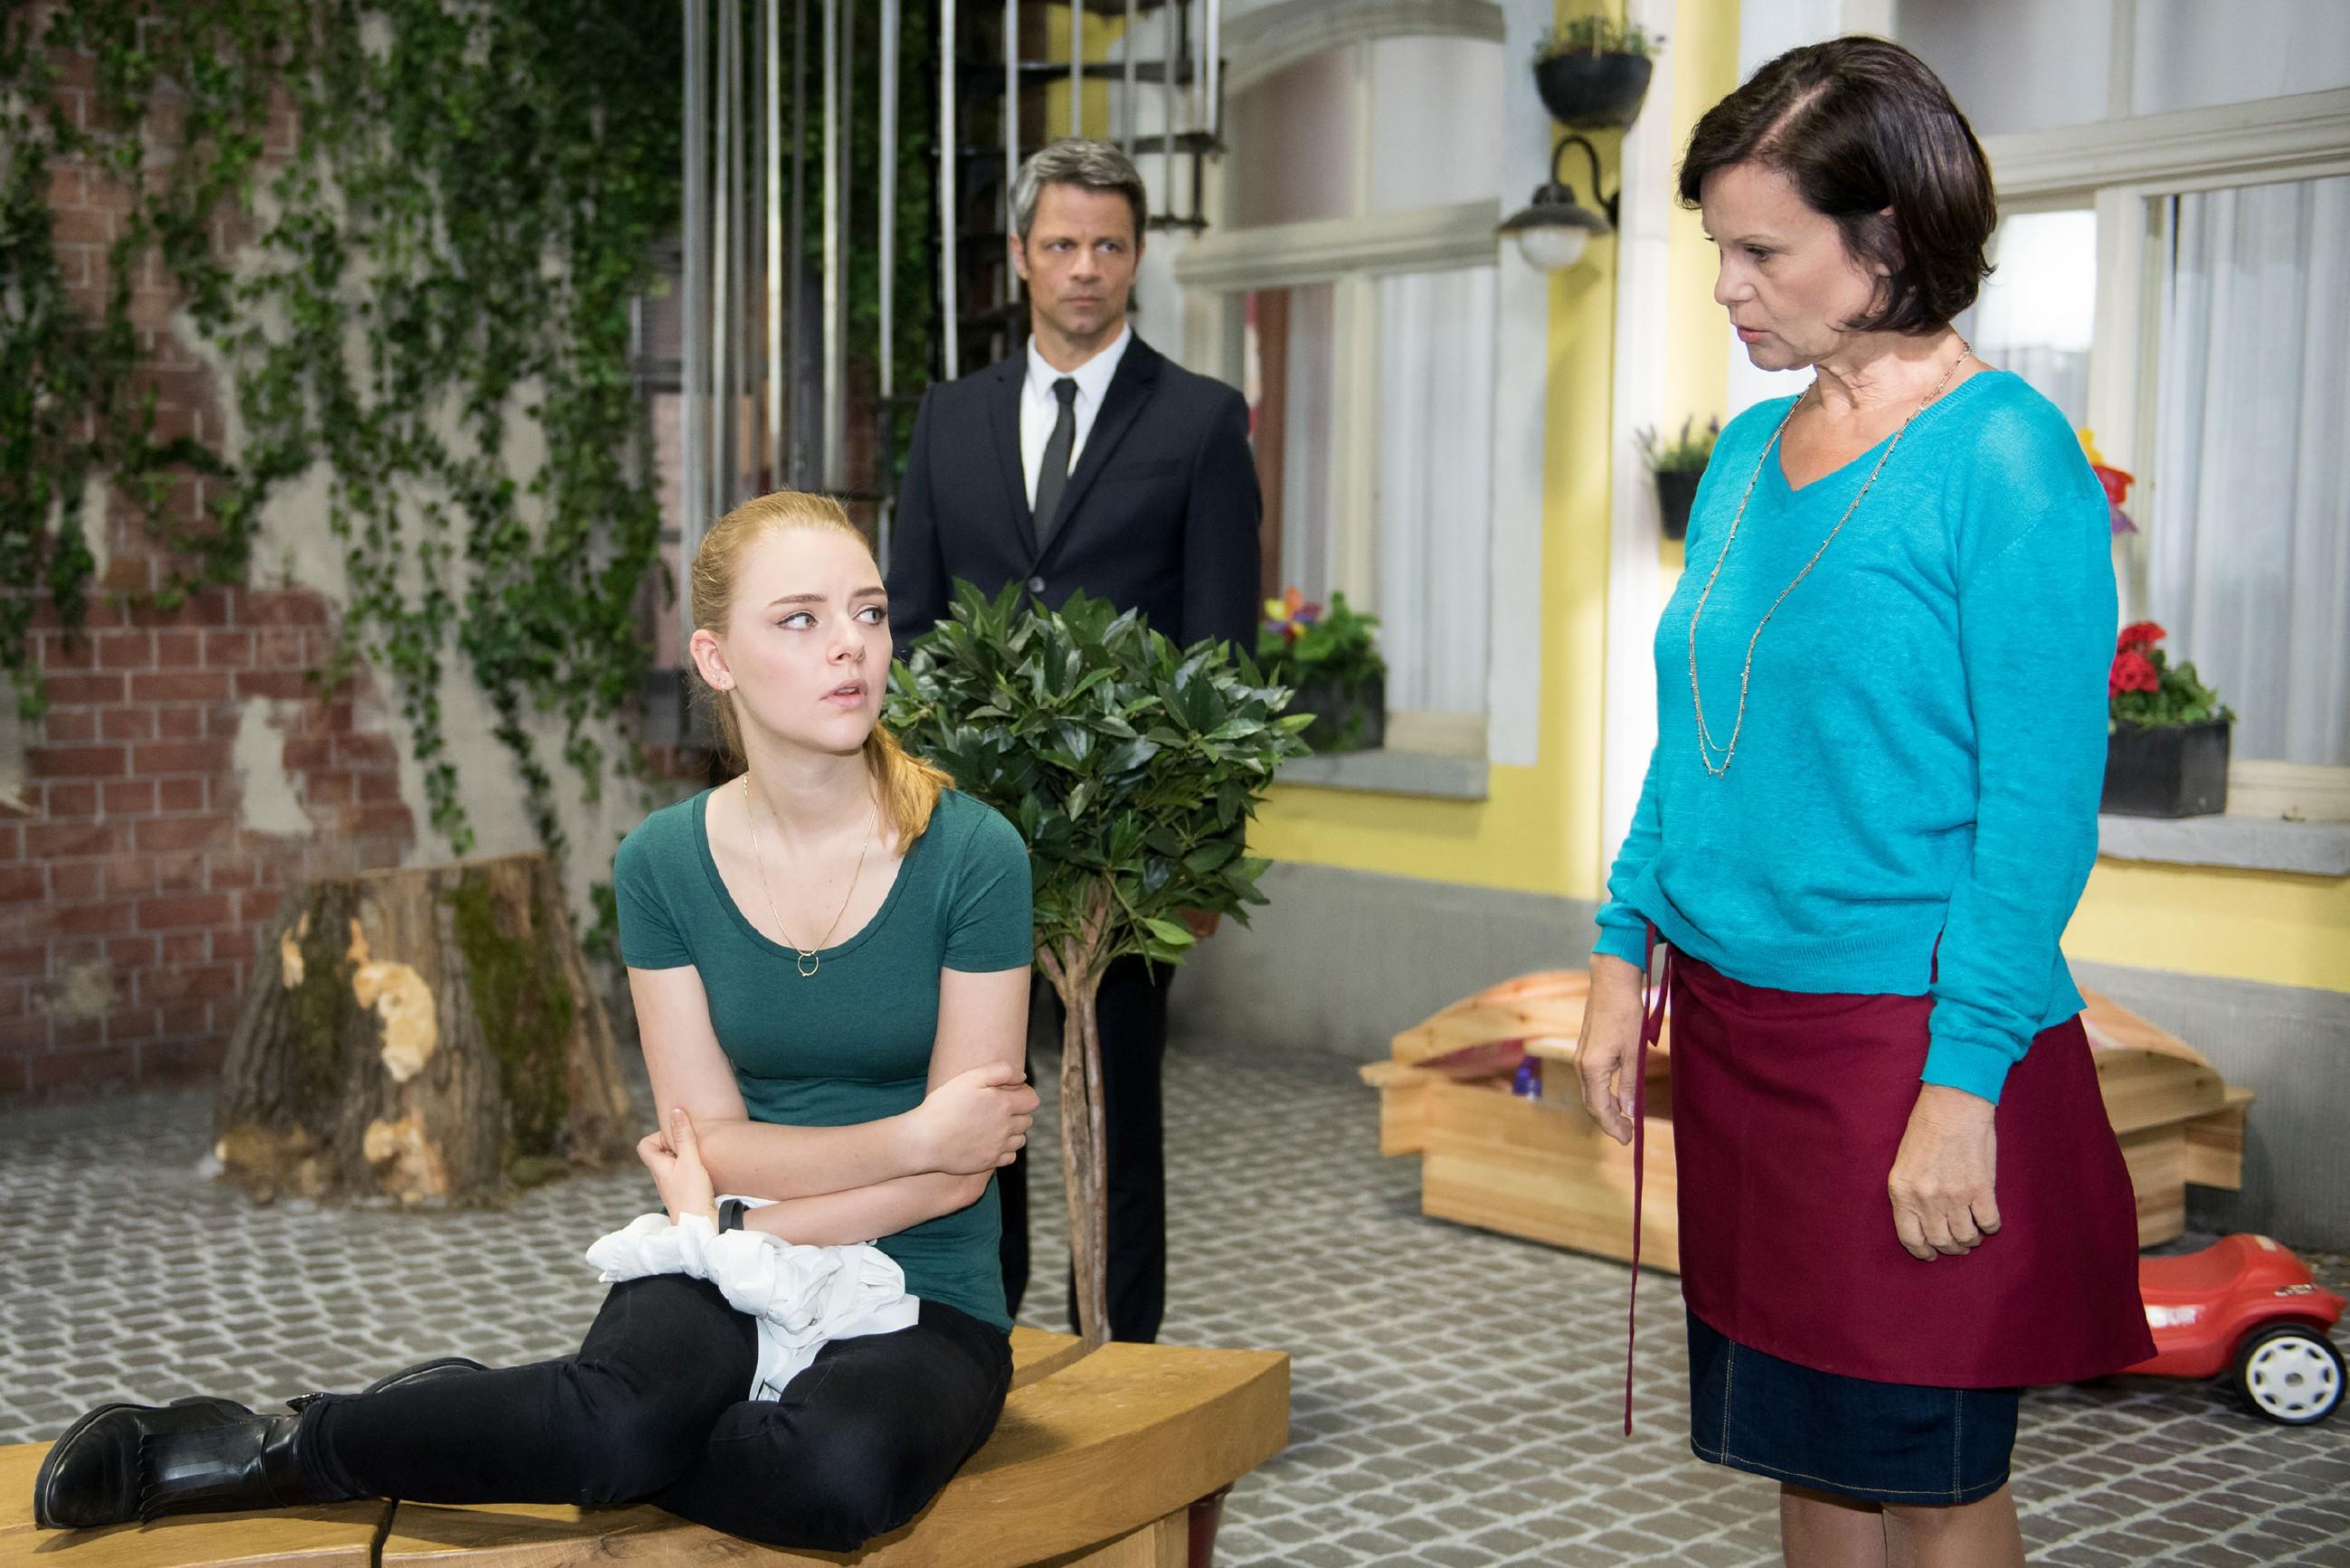 Benedikt (Jens Hajek) befürchtet alarmiert, dass Fiona (Olivia Burkhart, l.) bei Irene (Petra Blossey) die Umstände von Paffraths Tod ausplaudern könnte und sieht alarmiert Handlungsbedarf. (Quelle: RTL / Stefan Behrens)